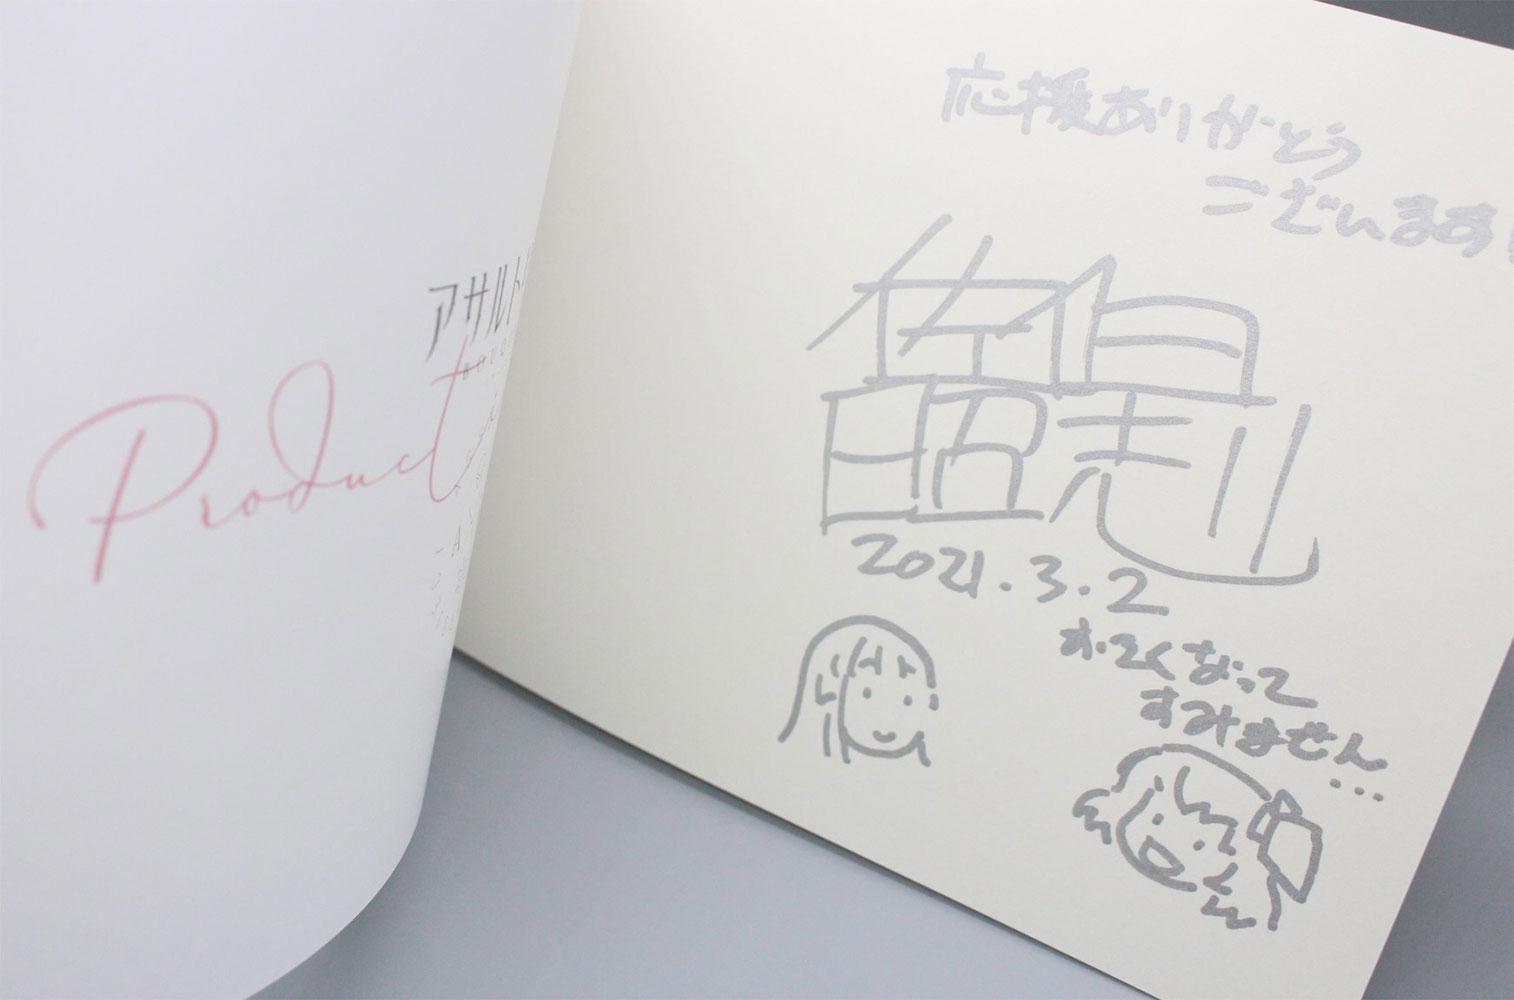 アサルトリリィBOUQUET 佐伯昭志監督サイン入り プロダクションノート